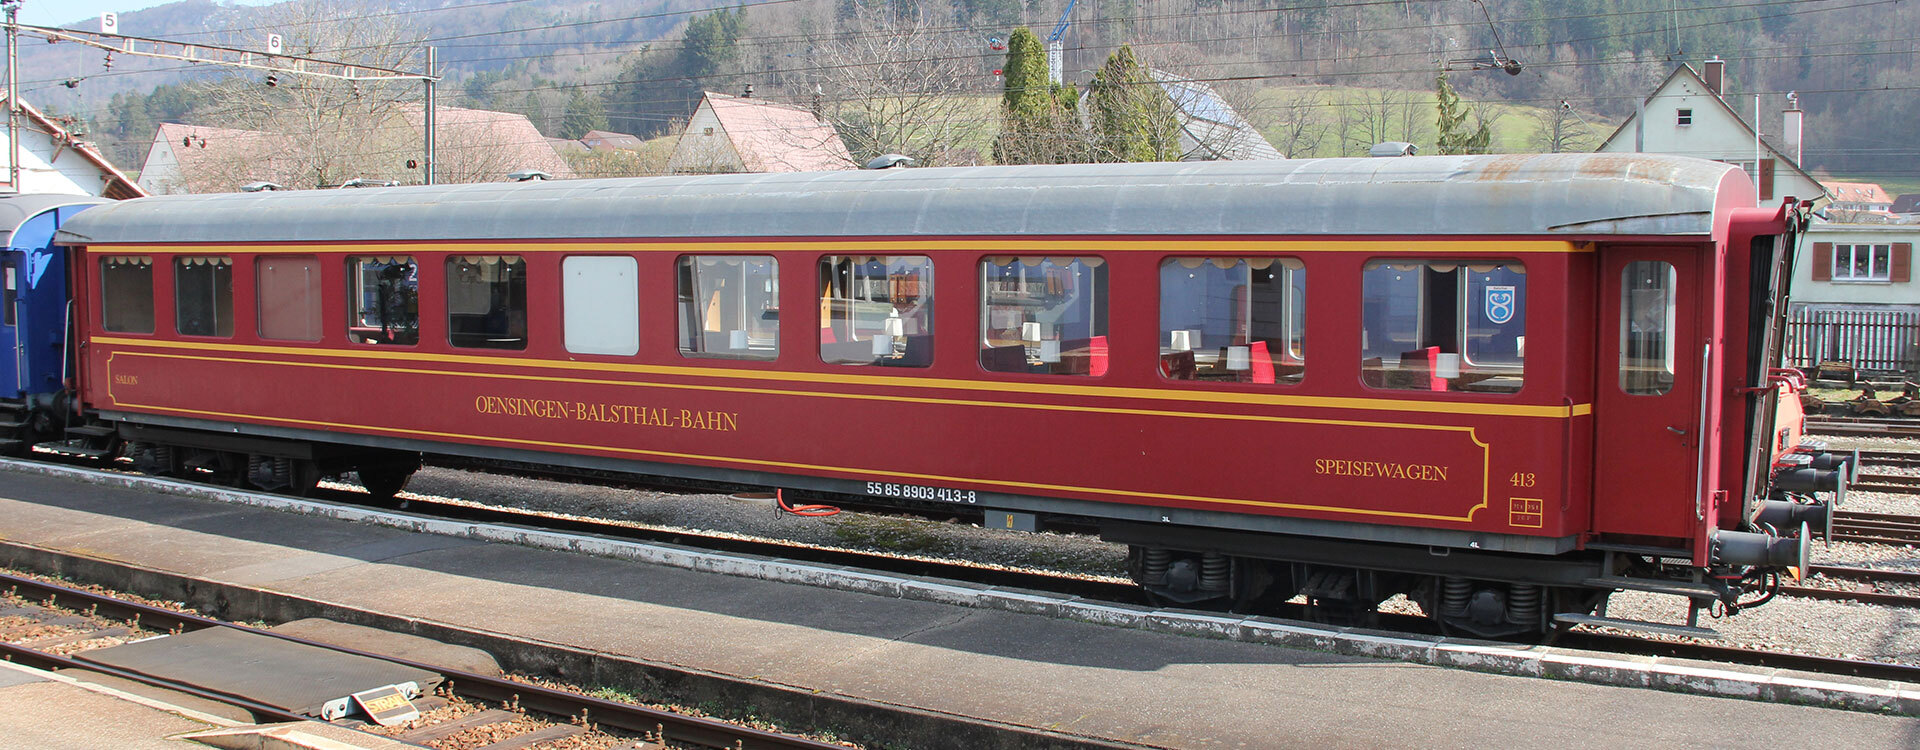 Salon- & Speisewagen - Oensingen-Balsthal-Bahn AG